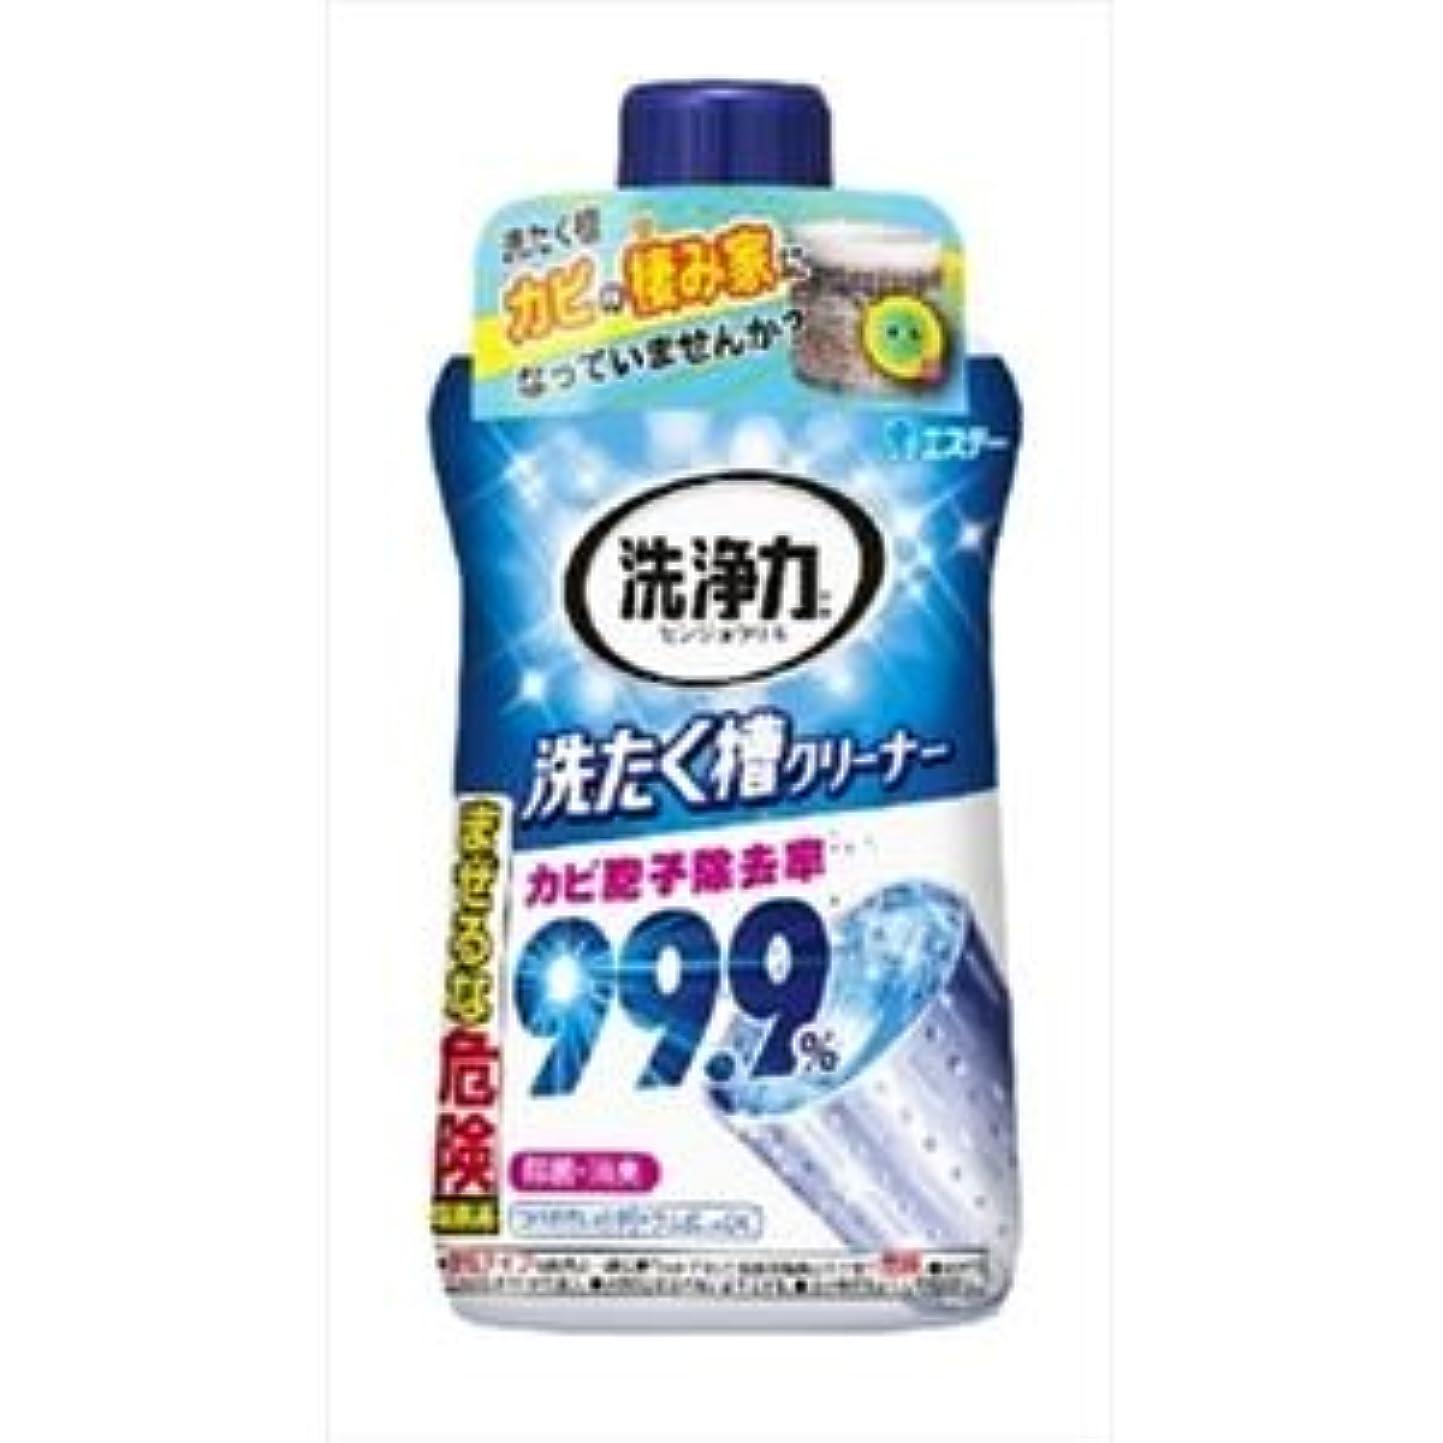 学校教育広大な公(まとめ)エステー 洗浄力 洗たく槽クリーナー 【×5点セット】